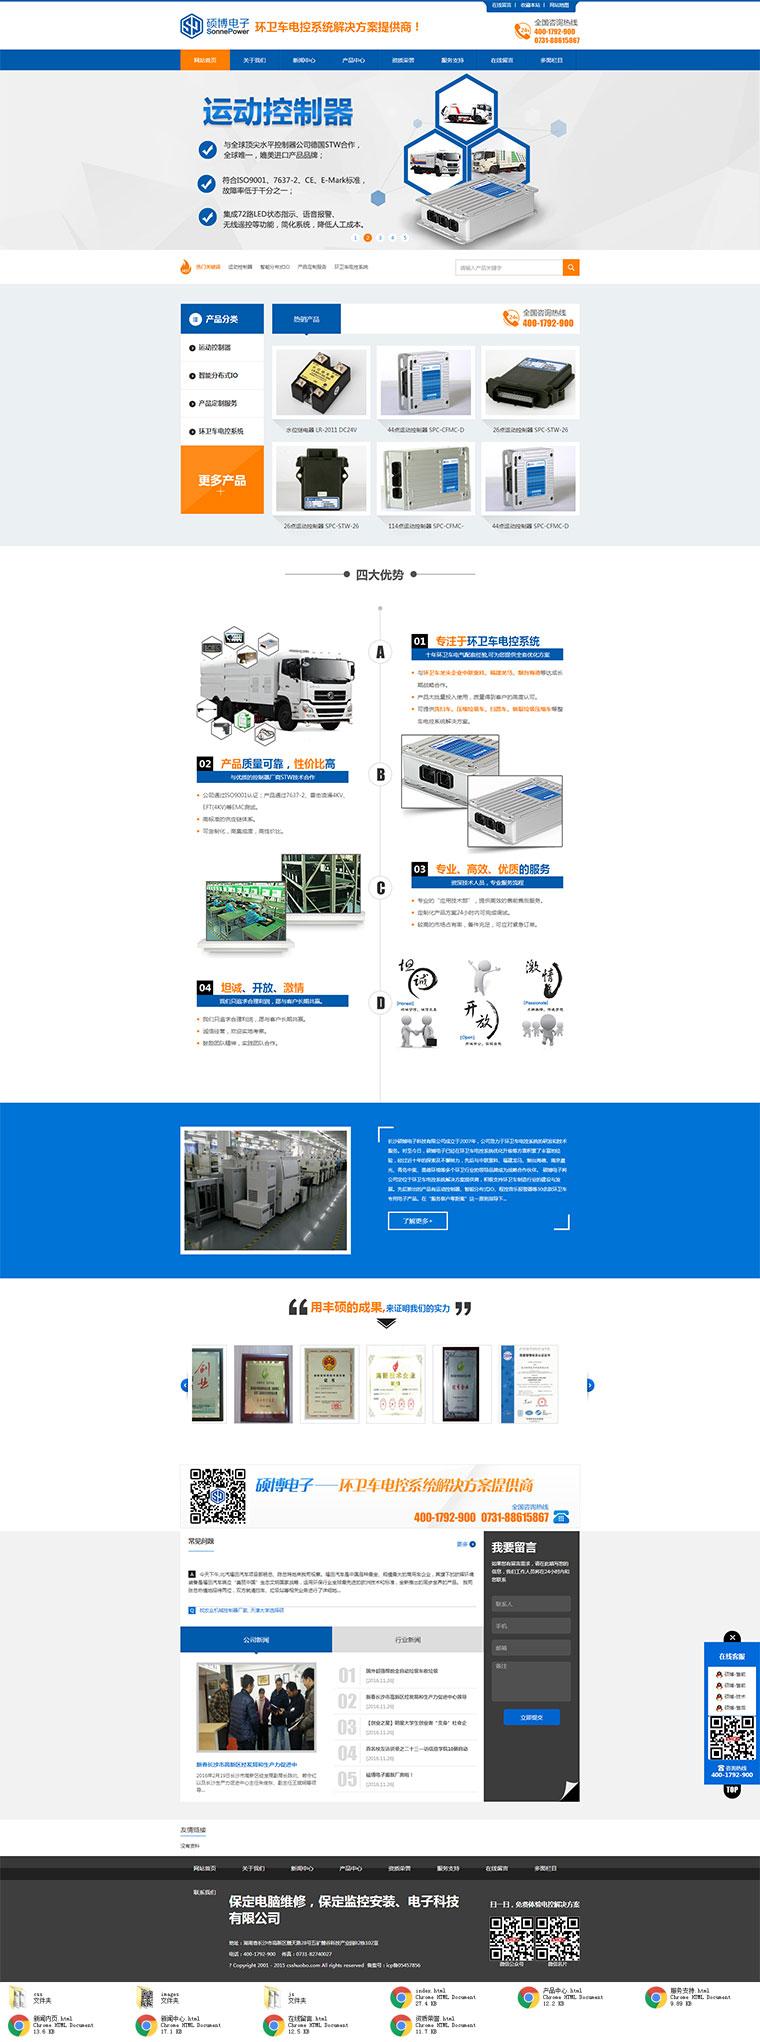 大气电子科技企业官网整站html网站模板